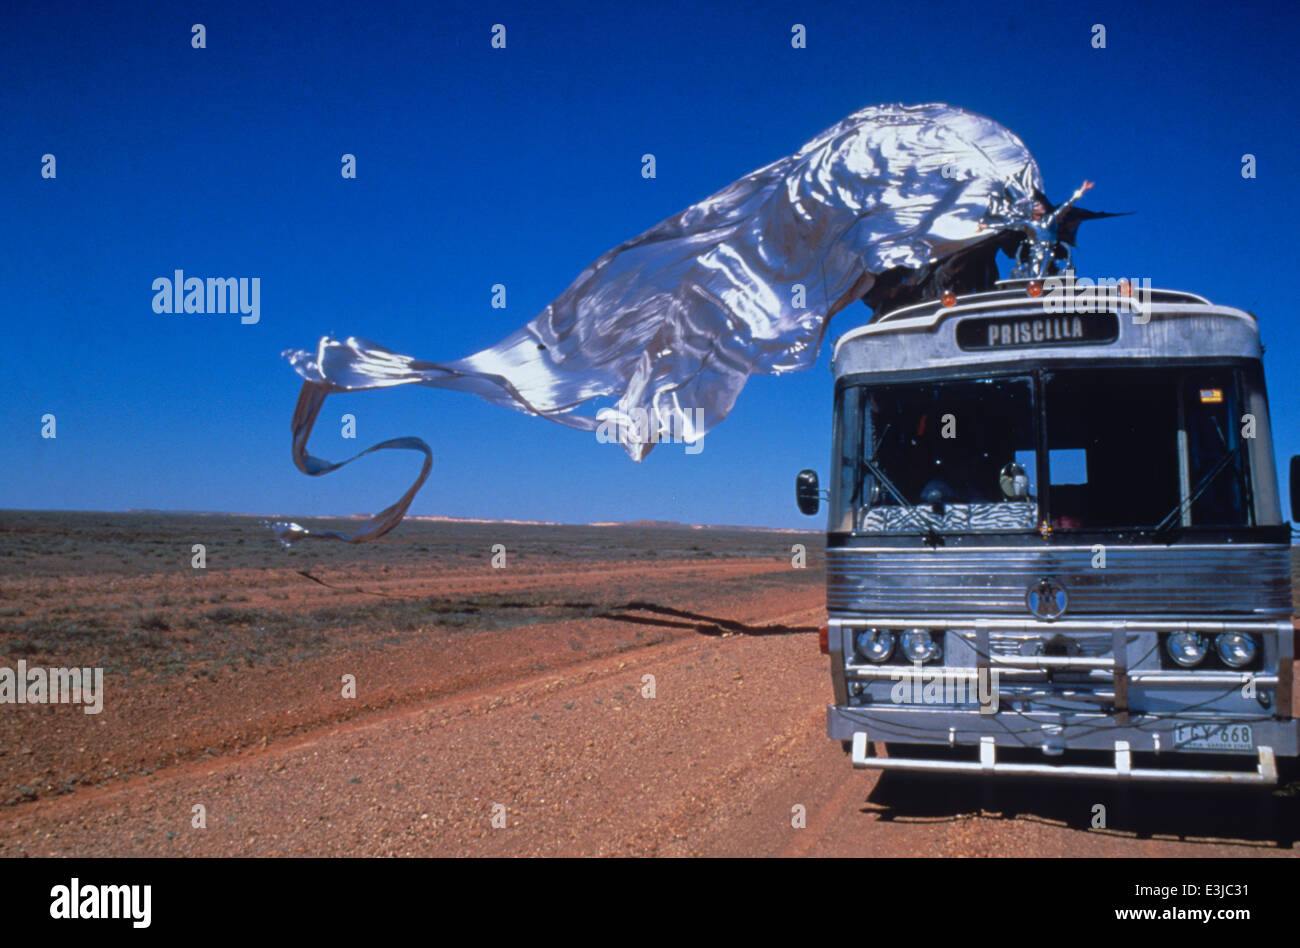 Les aventures de Priscilla, Queen of the desert Photo Stock